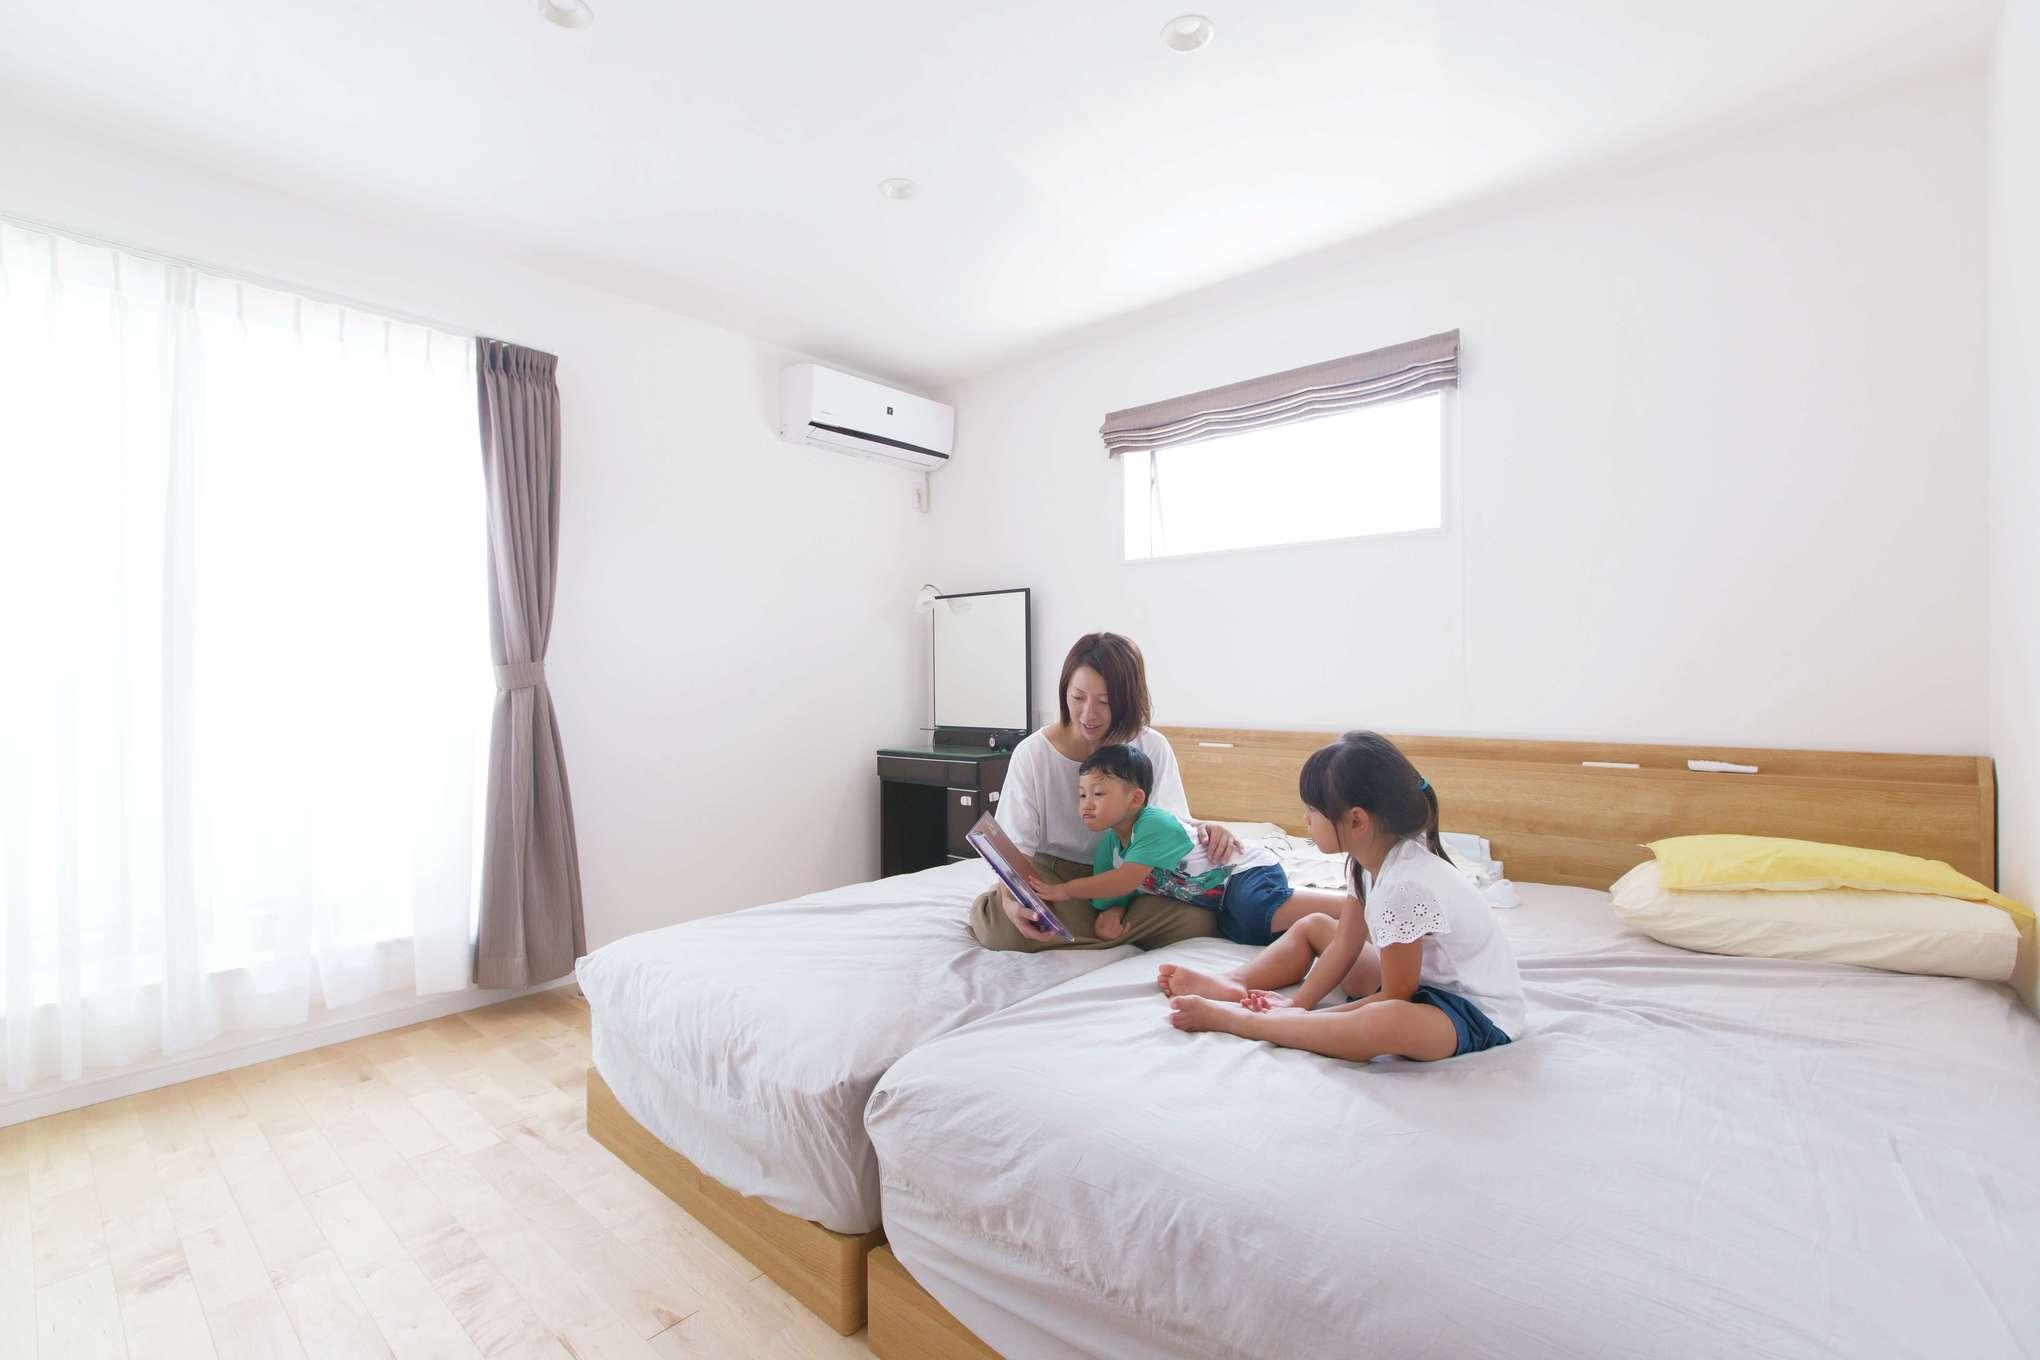 窓から柔らかな光が注ぐ広い寝室。自然素材に包まれて、ぐっすりと眠れるようになったそう